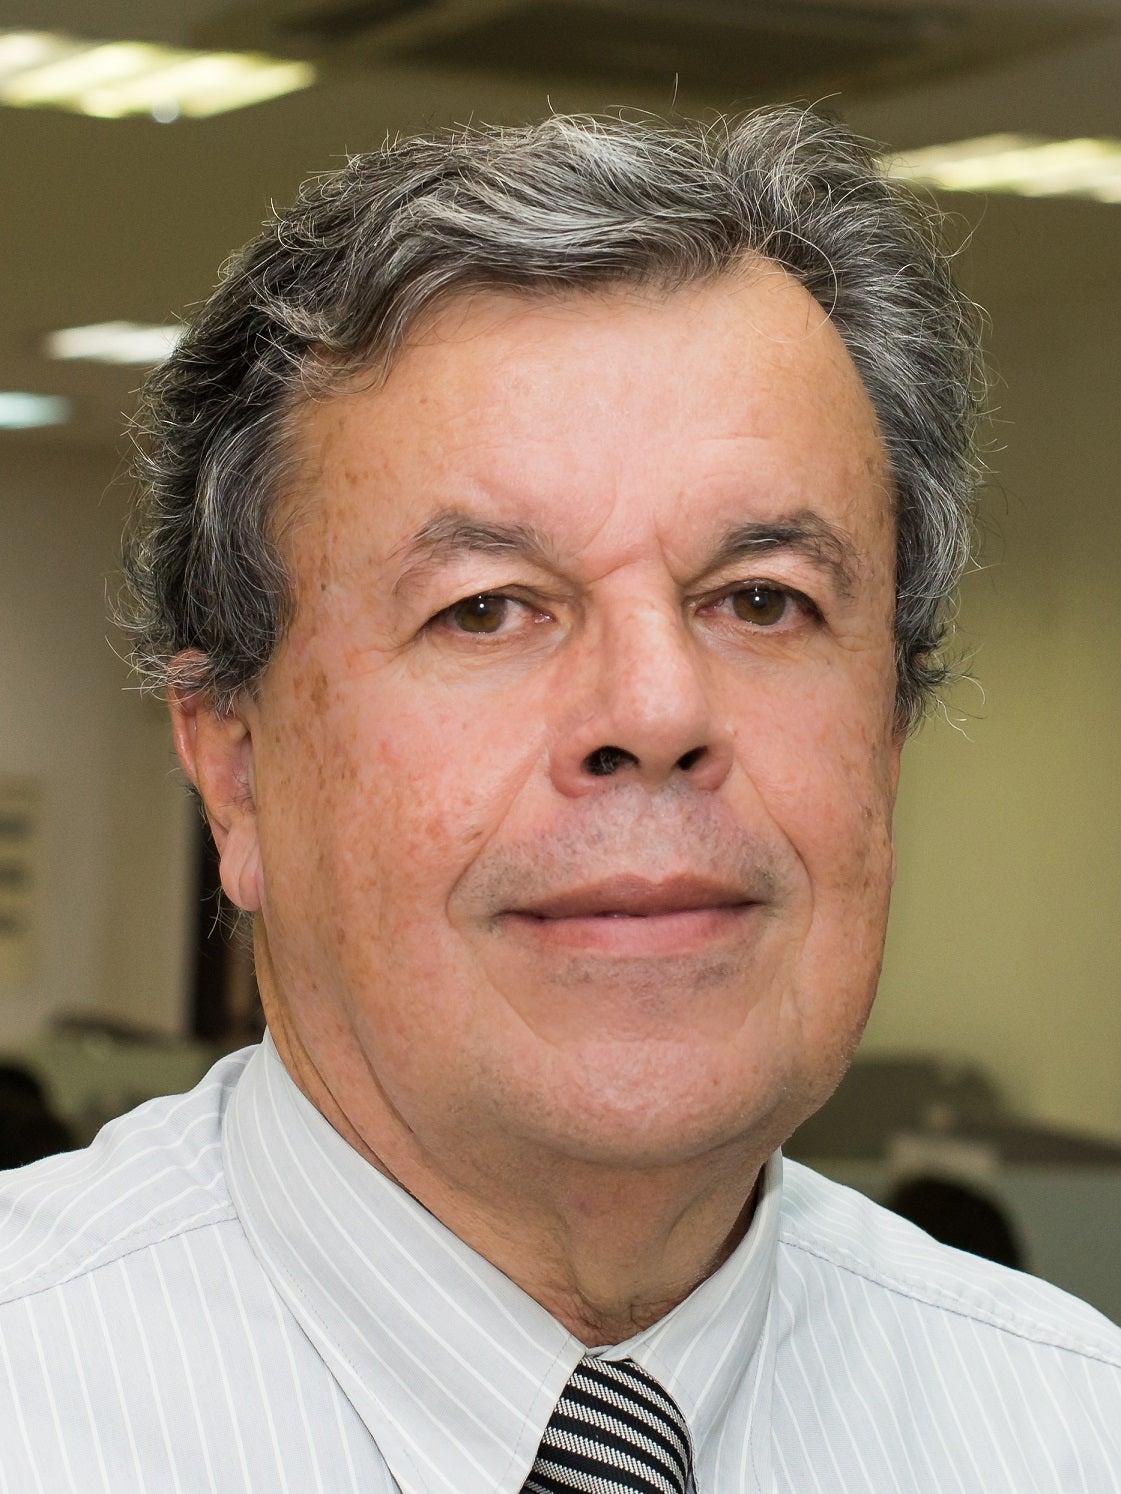 Antonio Seco